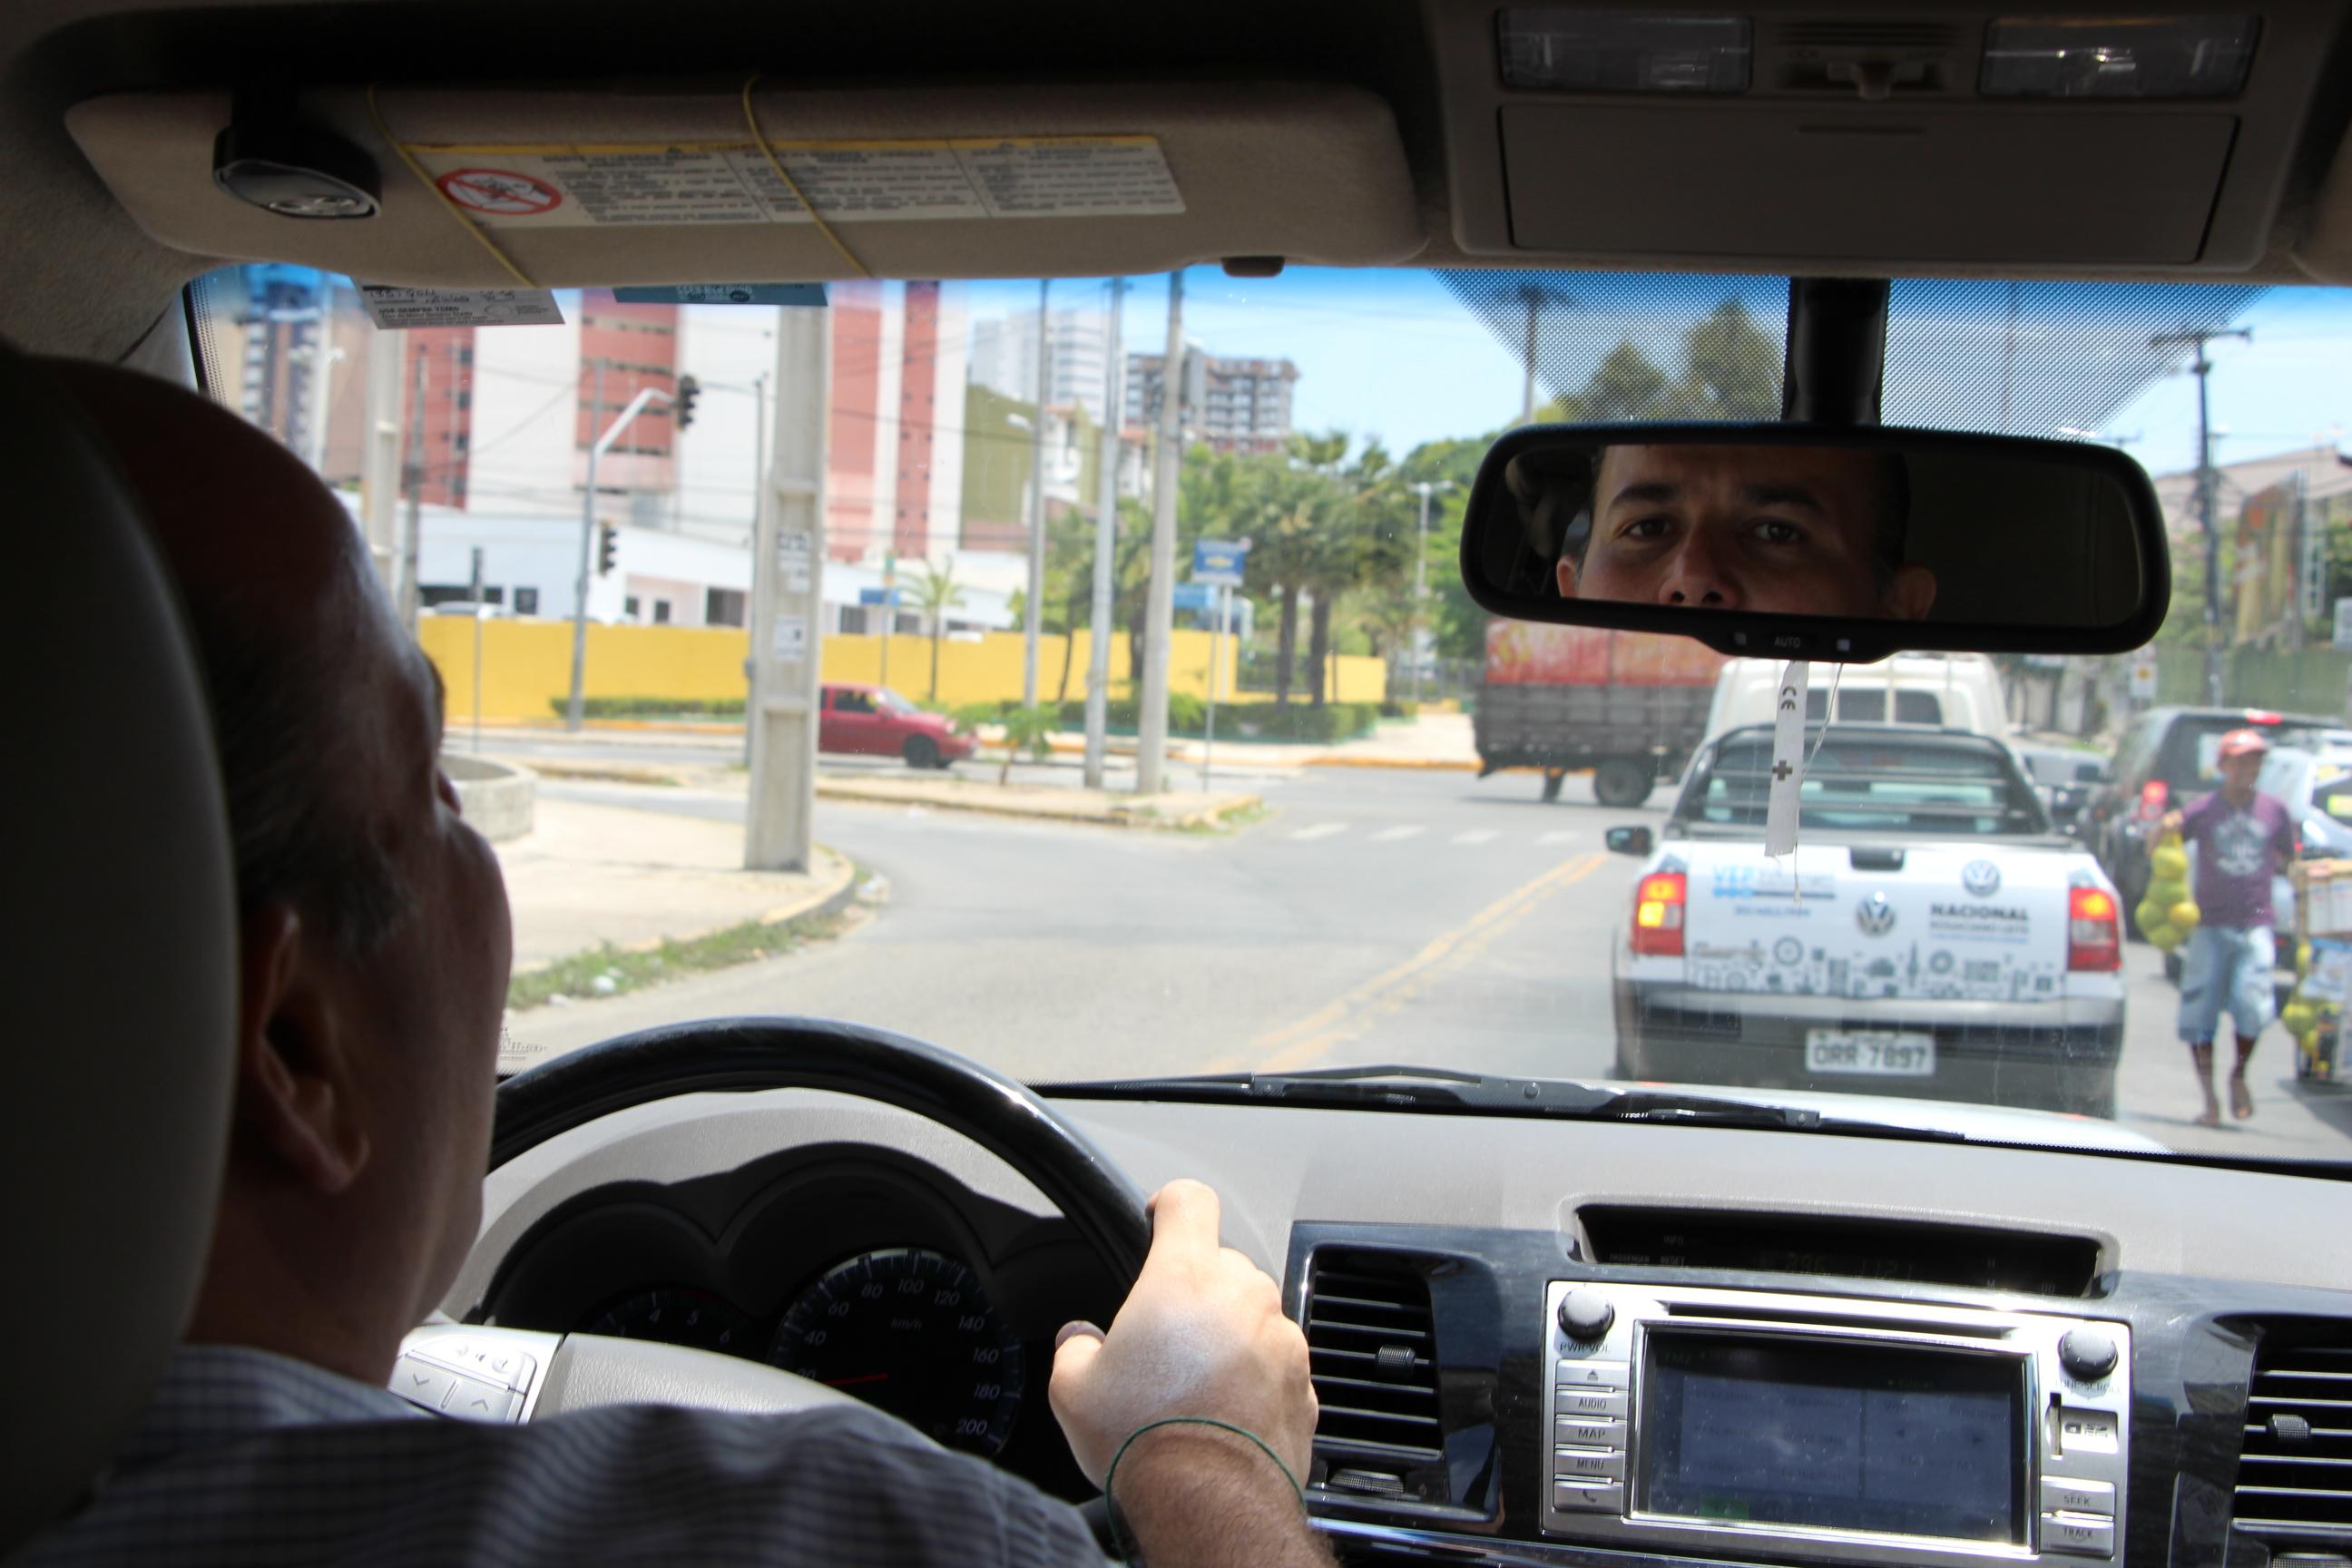 #UmDiaComOCandidato: Roberto Cláudio dirige o próprio veículo e come pão com ovo no café da manhã